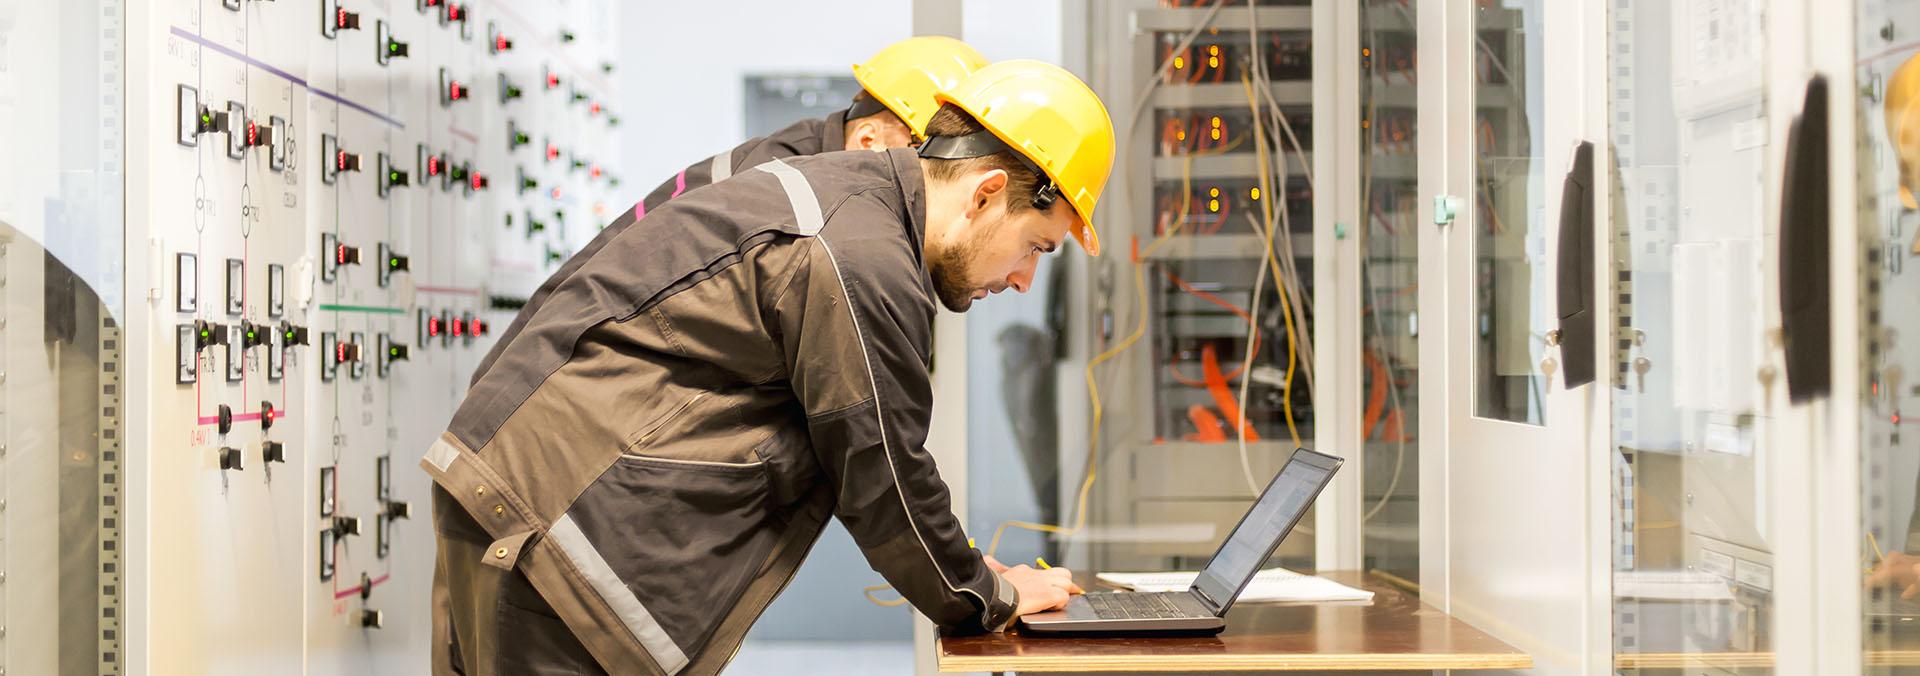 Elektrik-Elektronik Mühendisliği (Yükseklisans) (Tezli)